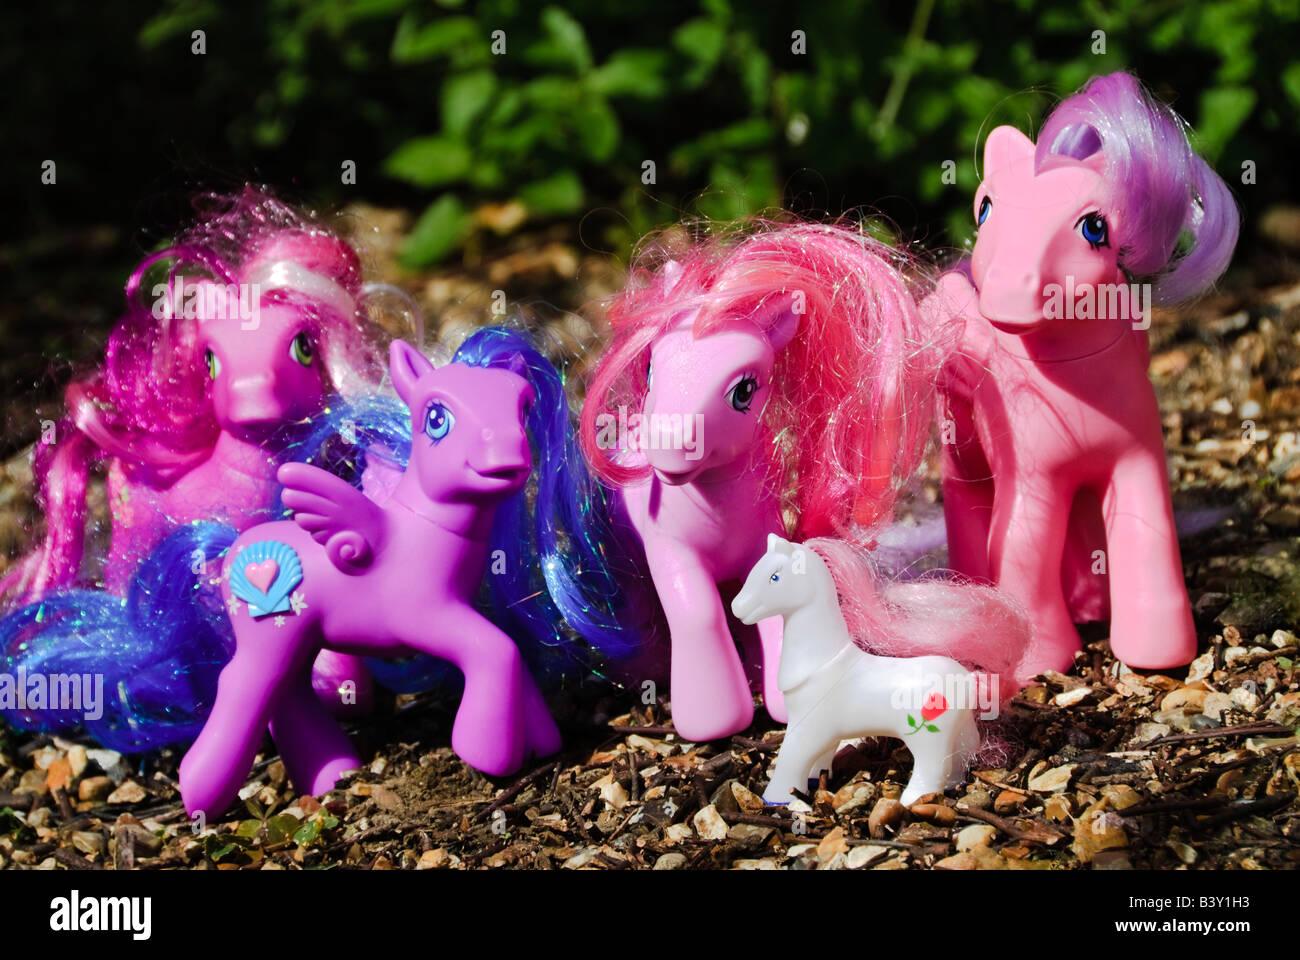 Hasbro 'My Little Pony' toys bhz - Stock Image